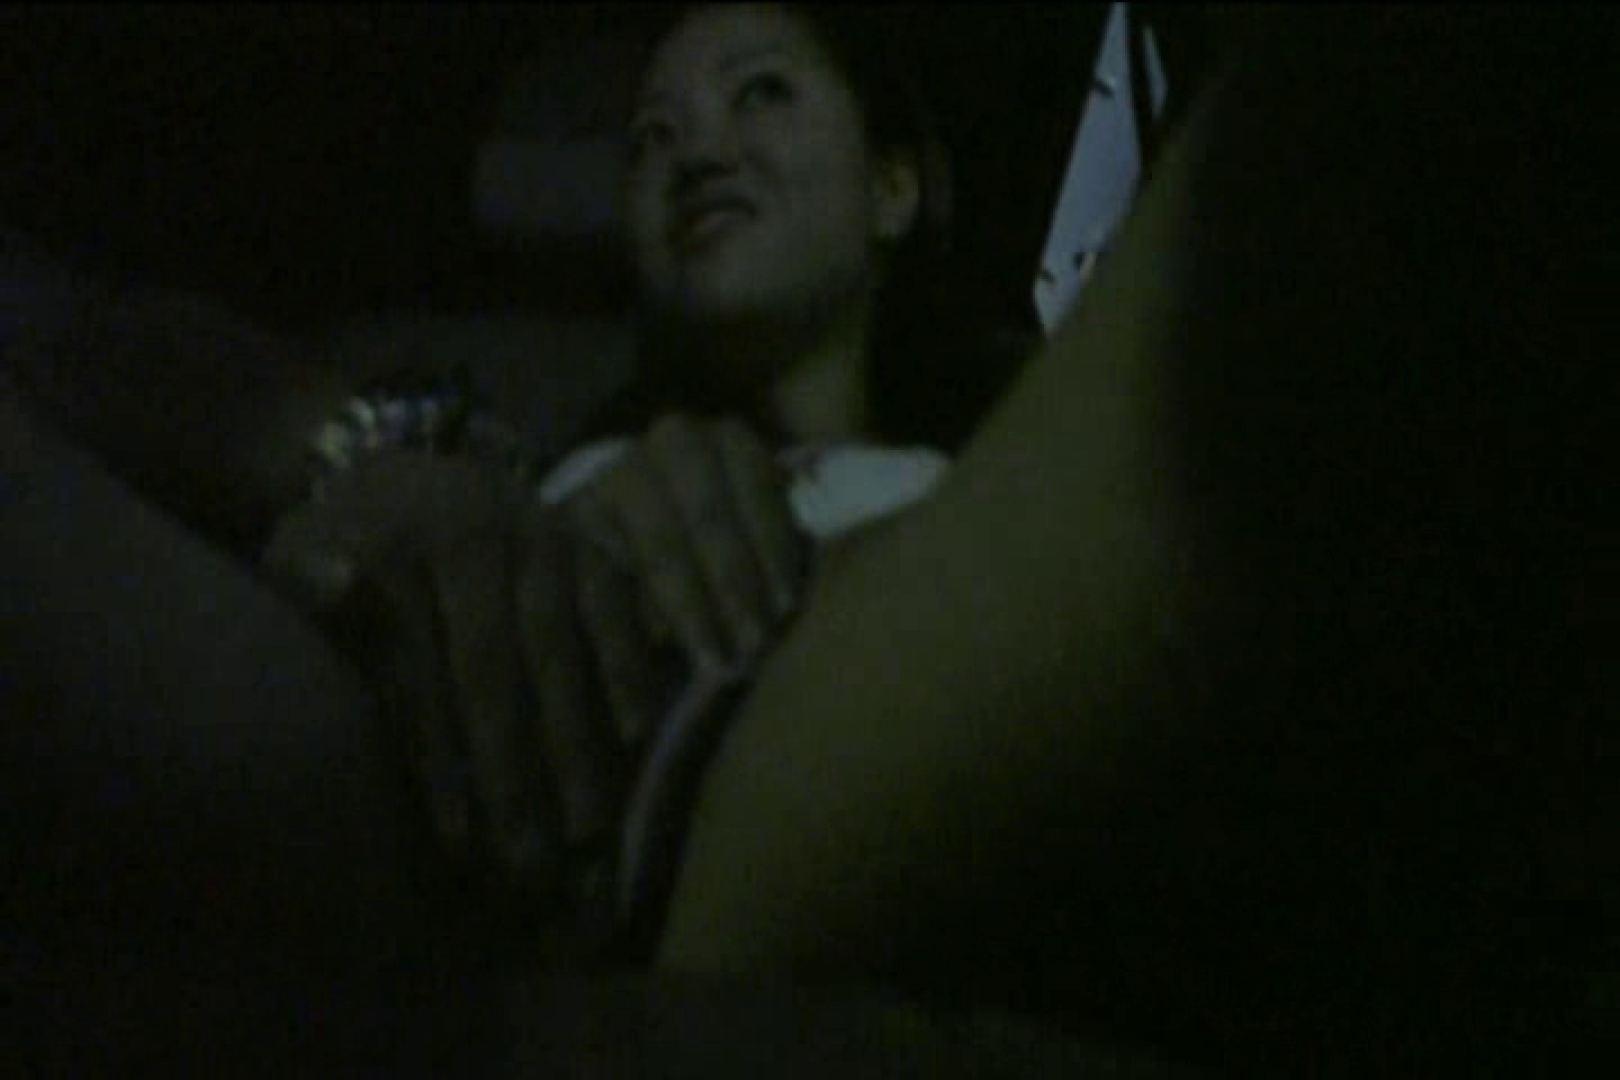 車内で初めまして! vol01 出会い系 おまんこ無修正動画無料 105連発 104